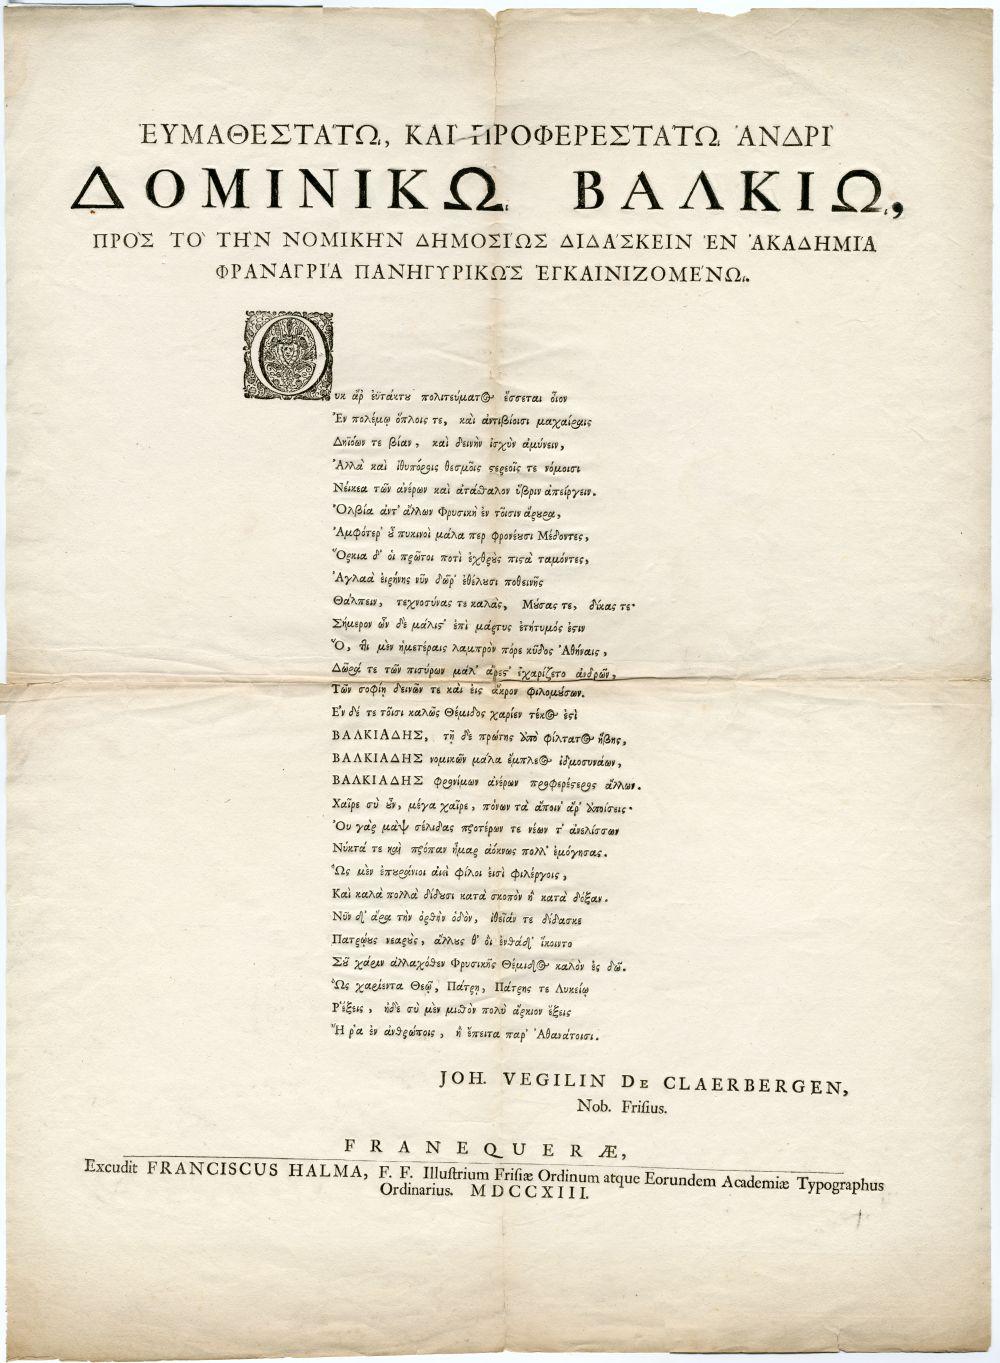 Geschrift in het Grieks van Johan Vegelin de Claerbergen betreffende de inwijding van Dominikus Balk tot gewoon hoogleraar rechten